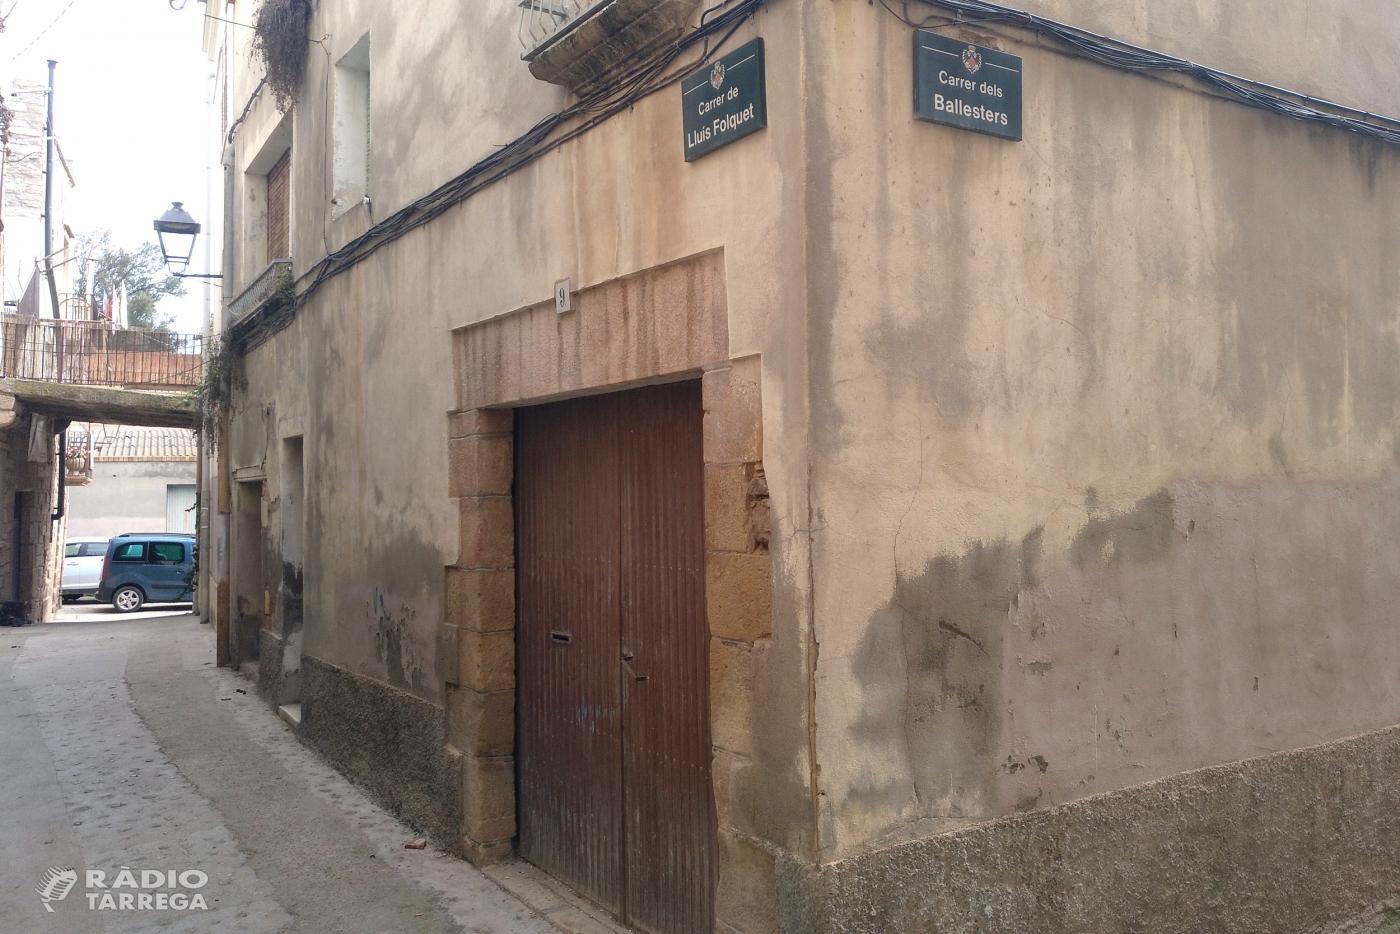 Tàrrega treu a subhasta una parcel·la per finançar l'adquisició d'un immoble que permetrà ampliar l'Arxiu Comarcal de l'Urgell